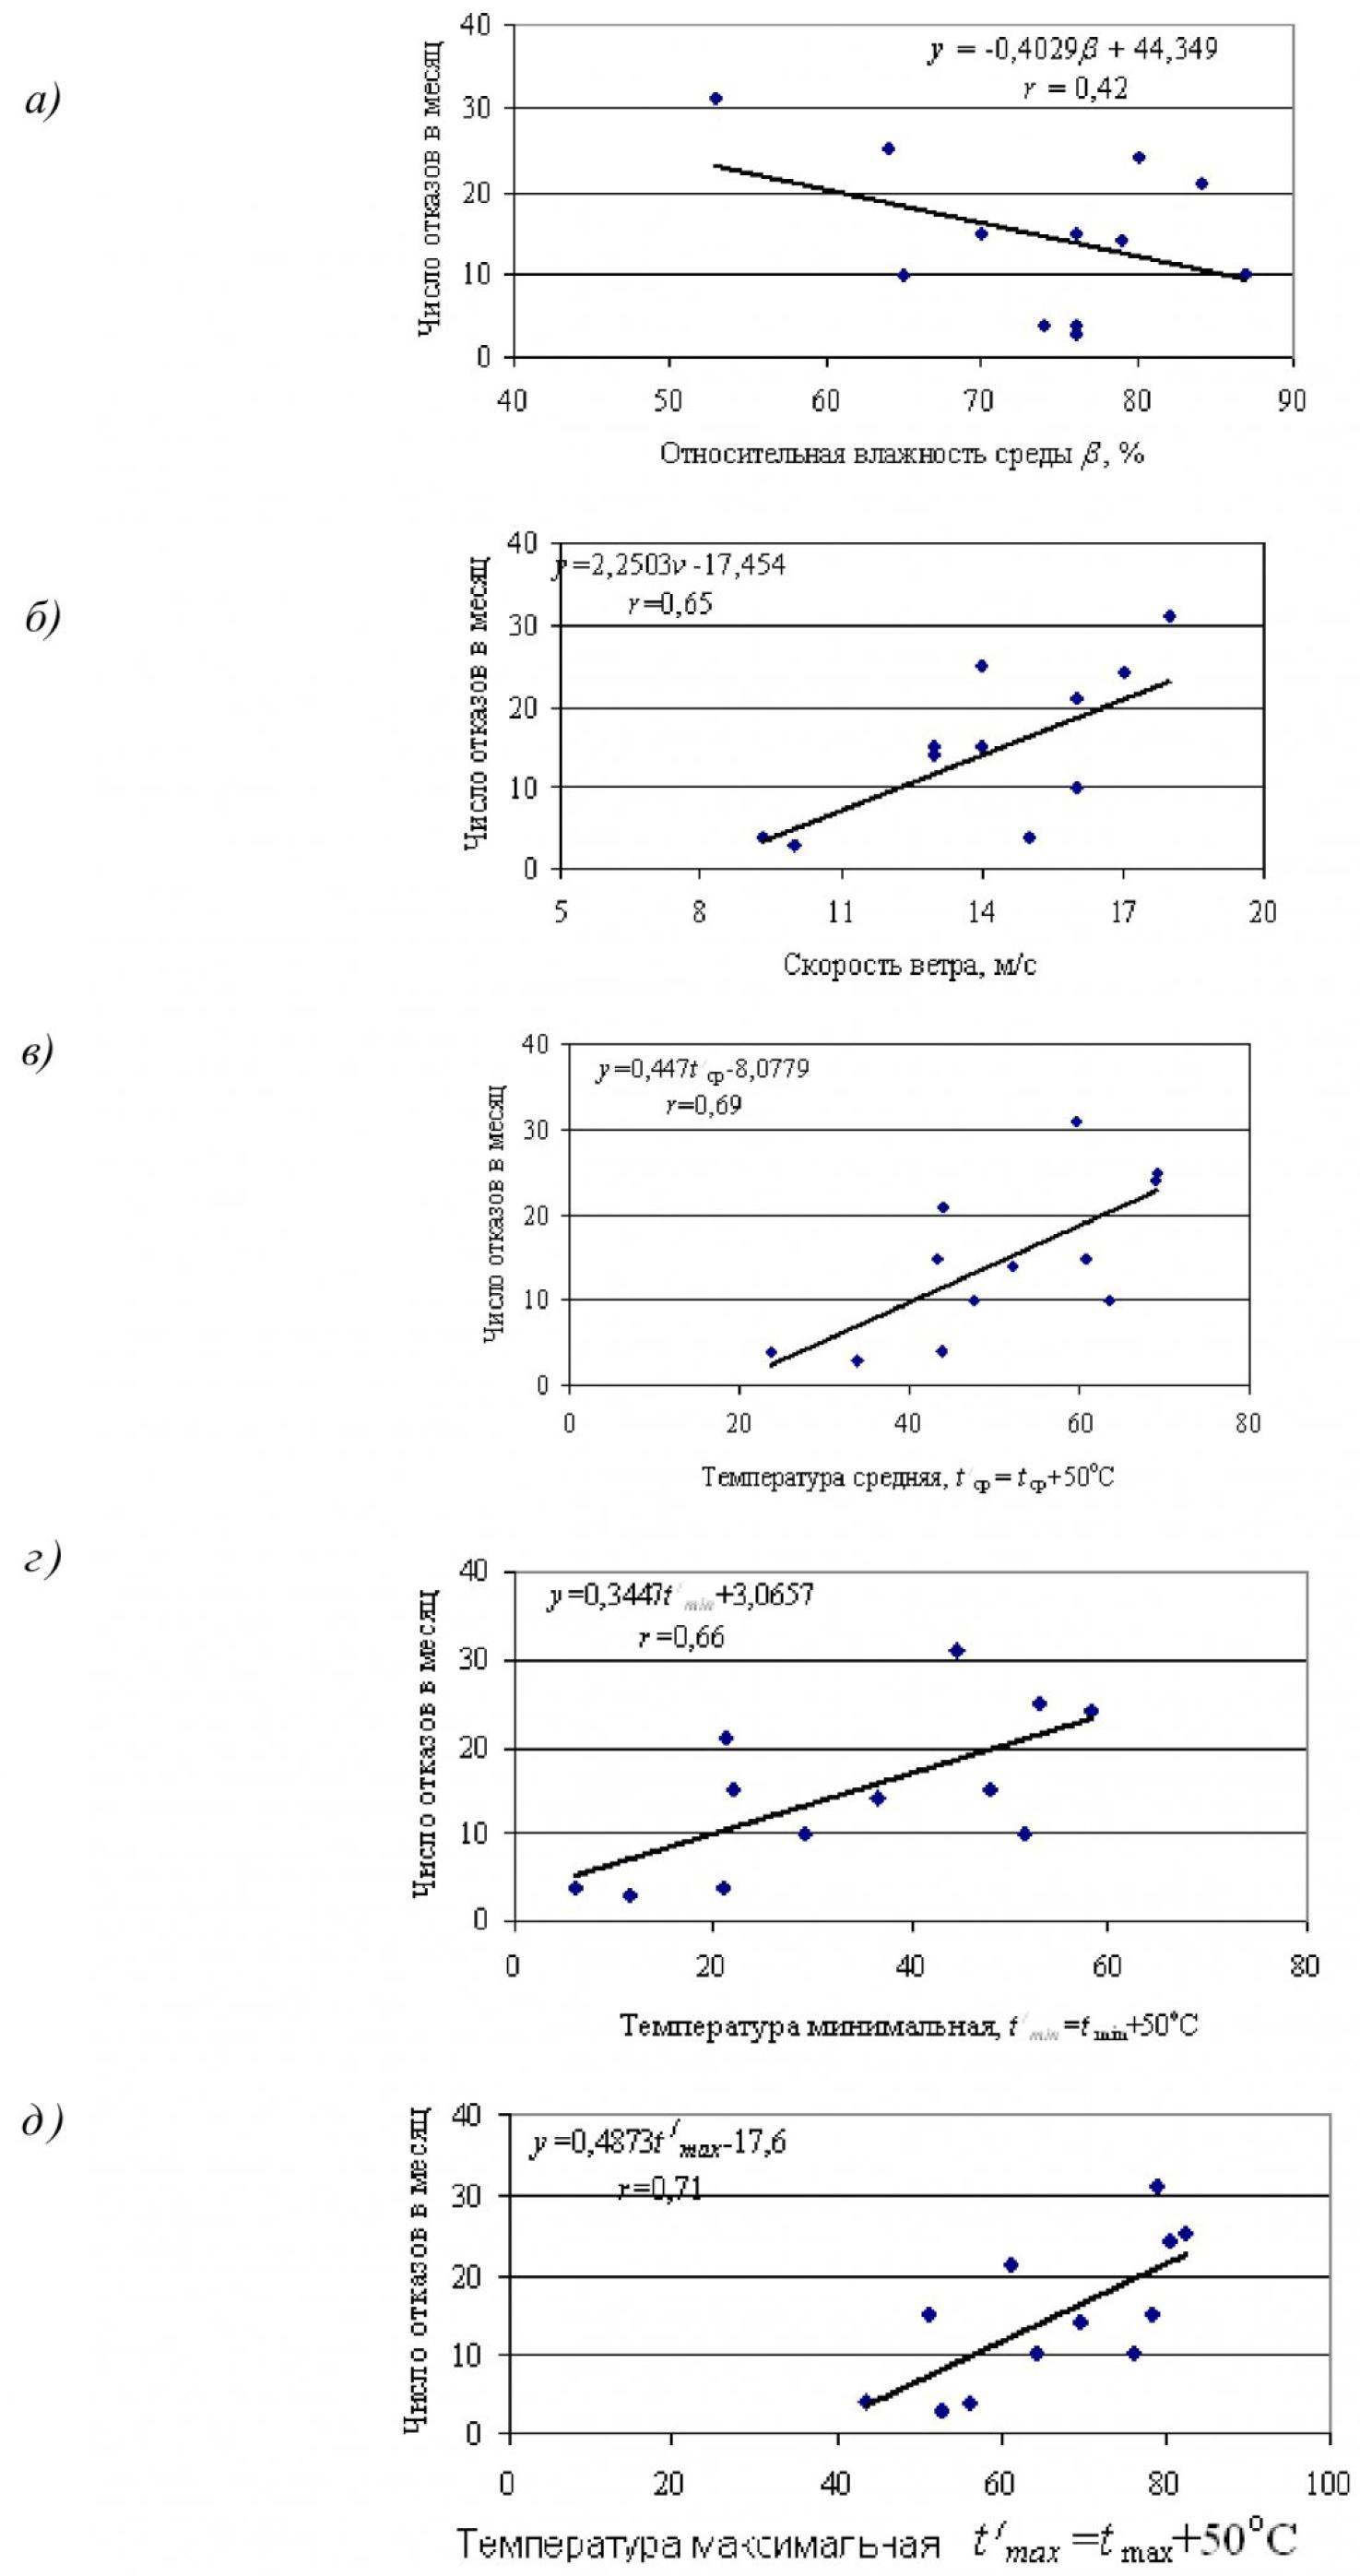 Влияние погодно-климатических факторов на эксплуатационную надежность распределительных сетей угольных разрезов 3